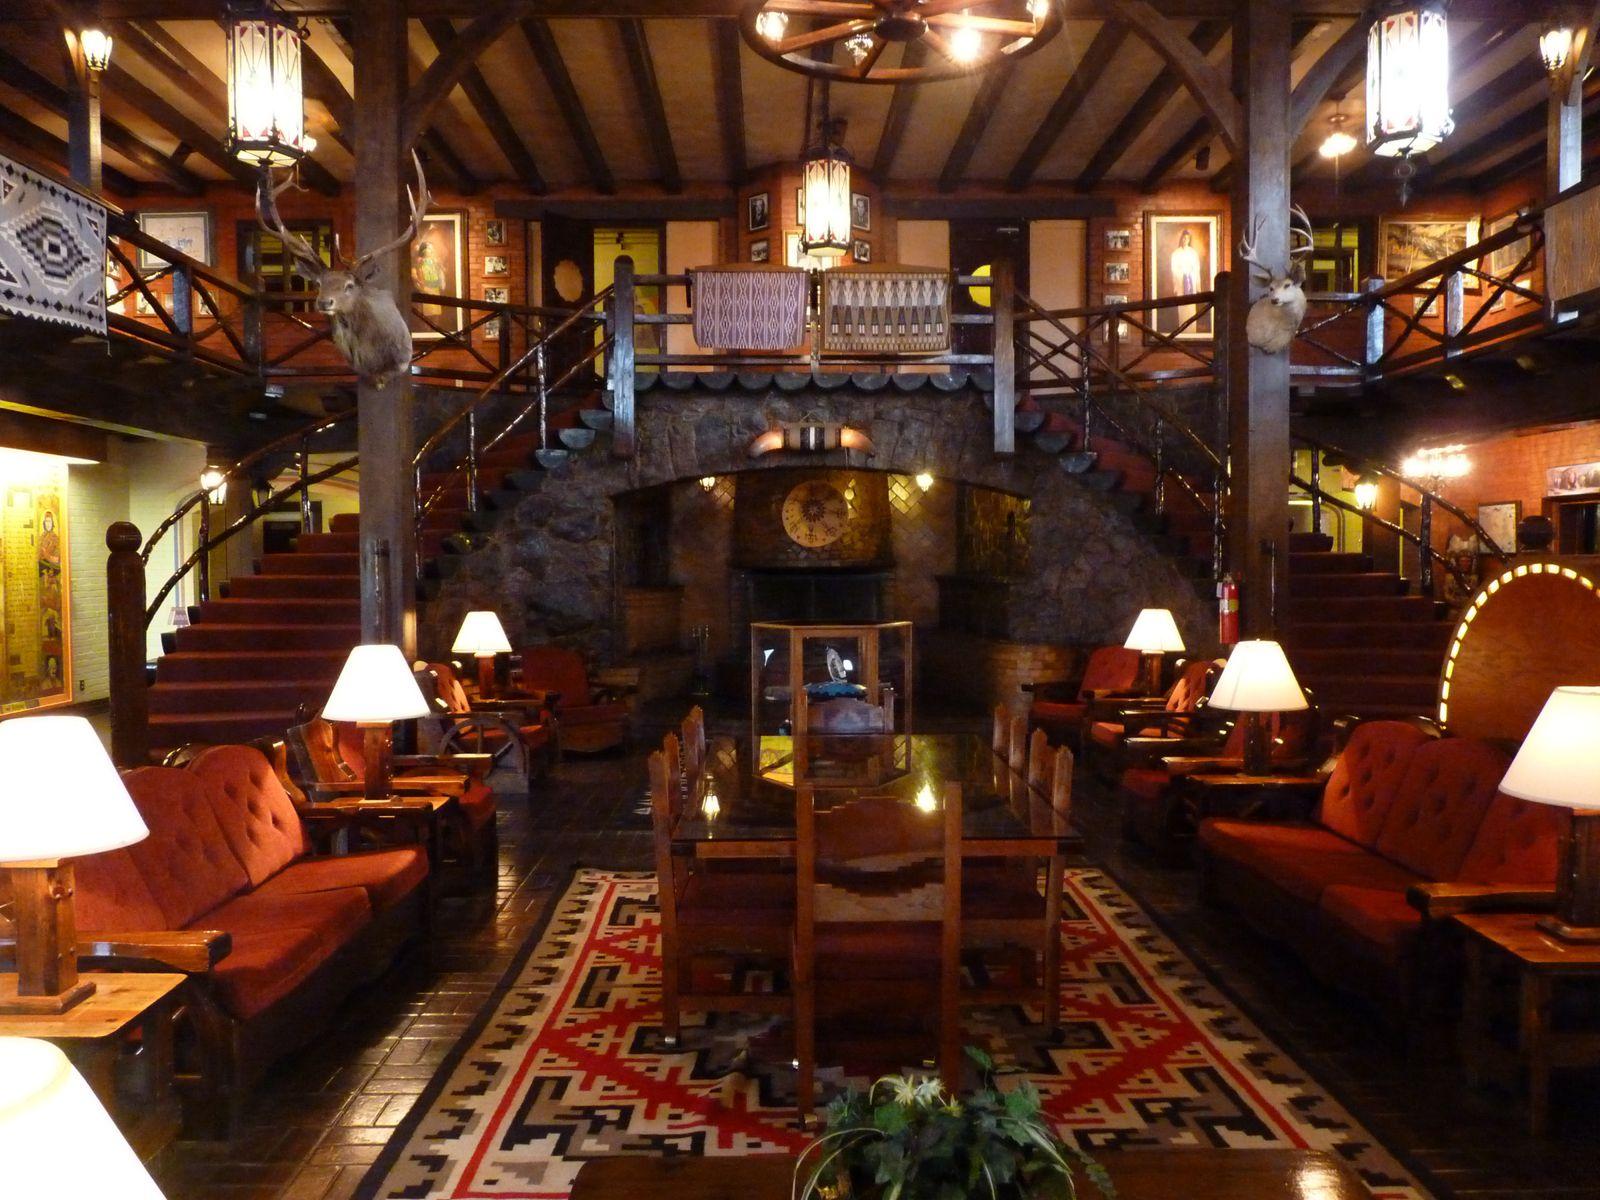 Cet hôtel fut construit en 1937. Il est devenu le foyer temporaire pour de nombreuses stars d'Hollywood en tournages dans la région. Le charme opére sans aucun doute pour ce lodge classé au Registre National Historique Américainment Historique ht Si vous pouvez profiter du charme Old West de cet hôtel, n'hésitez pas. de l'époque